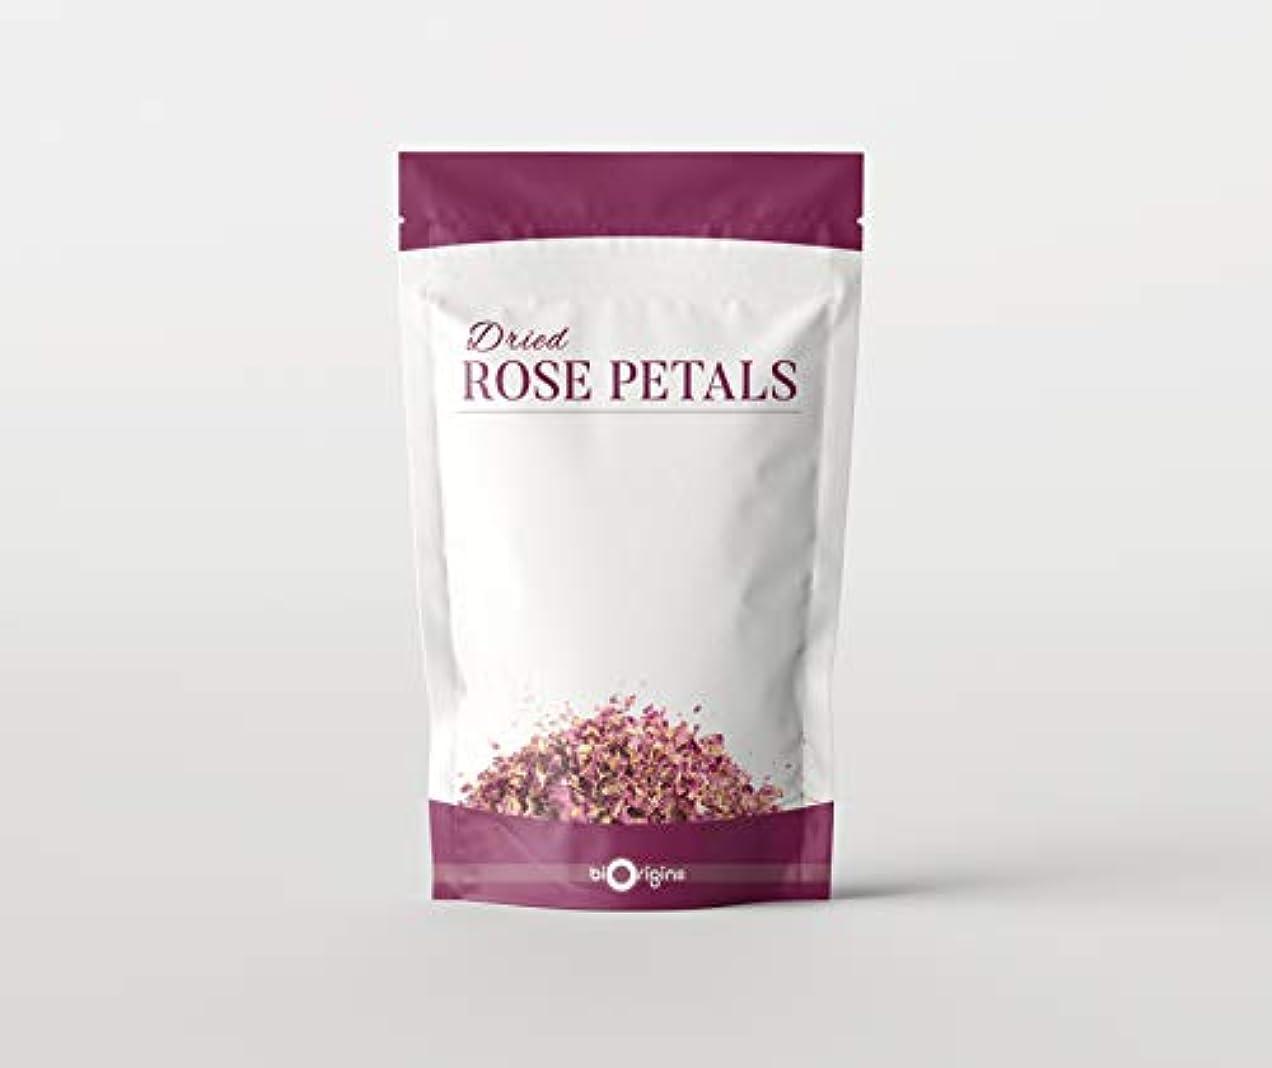 エレガント古い悲しいDried Rose Petals - 100g